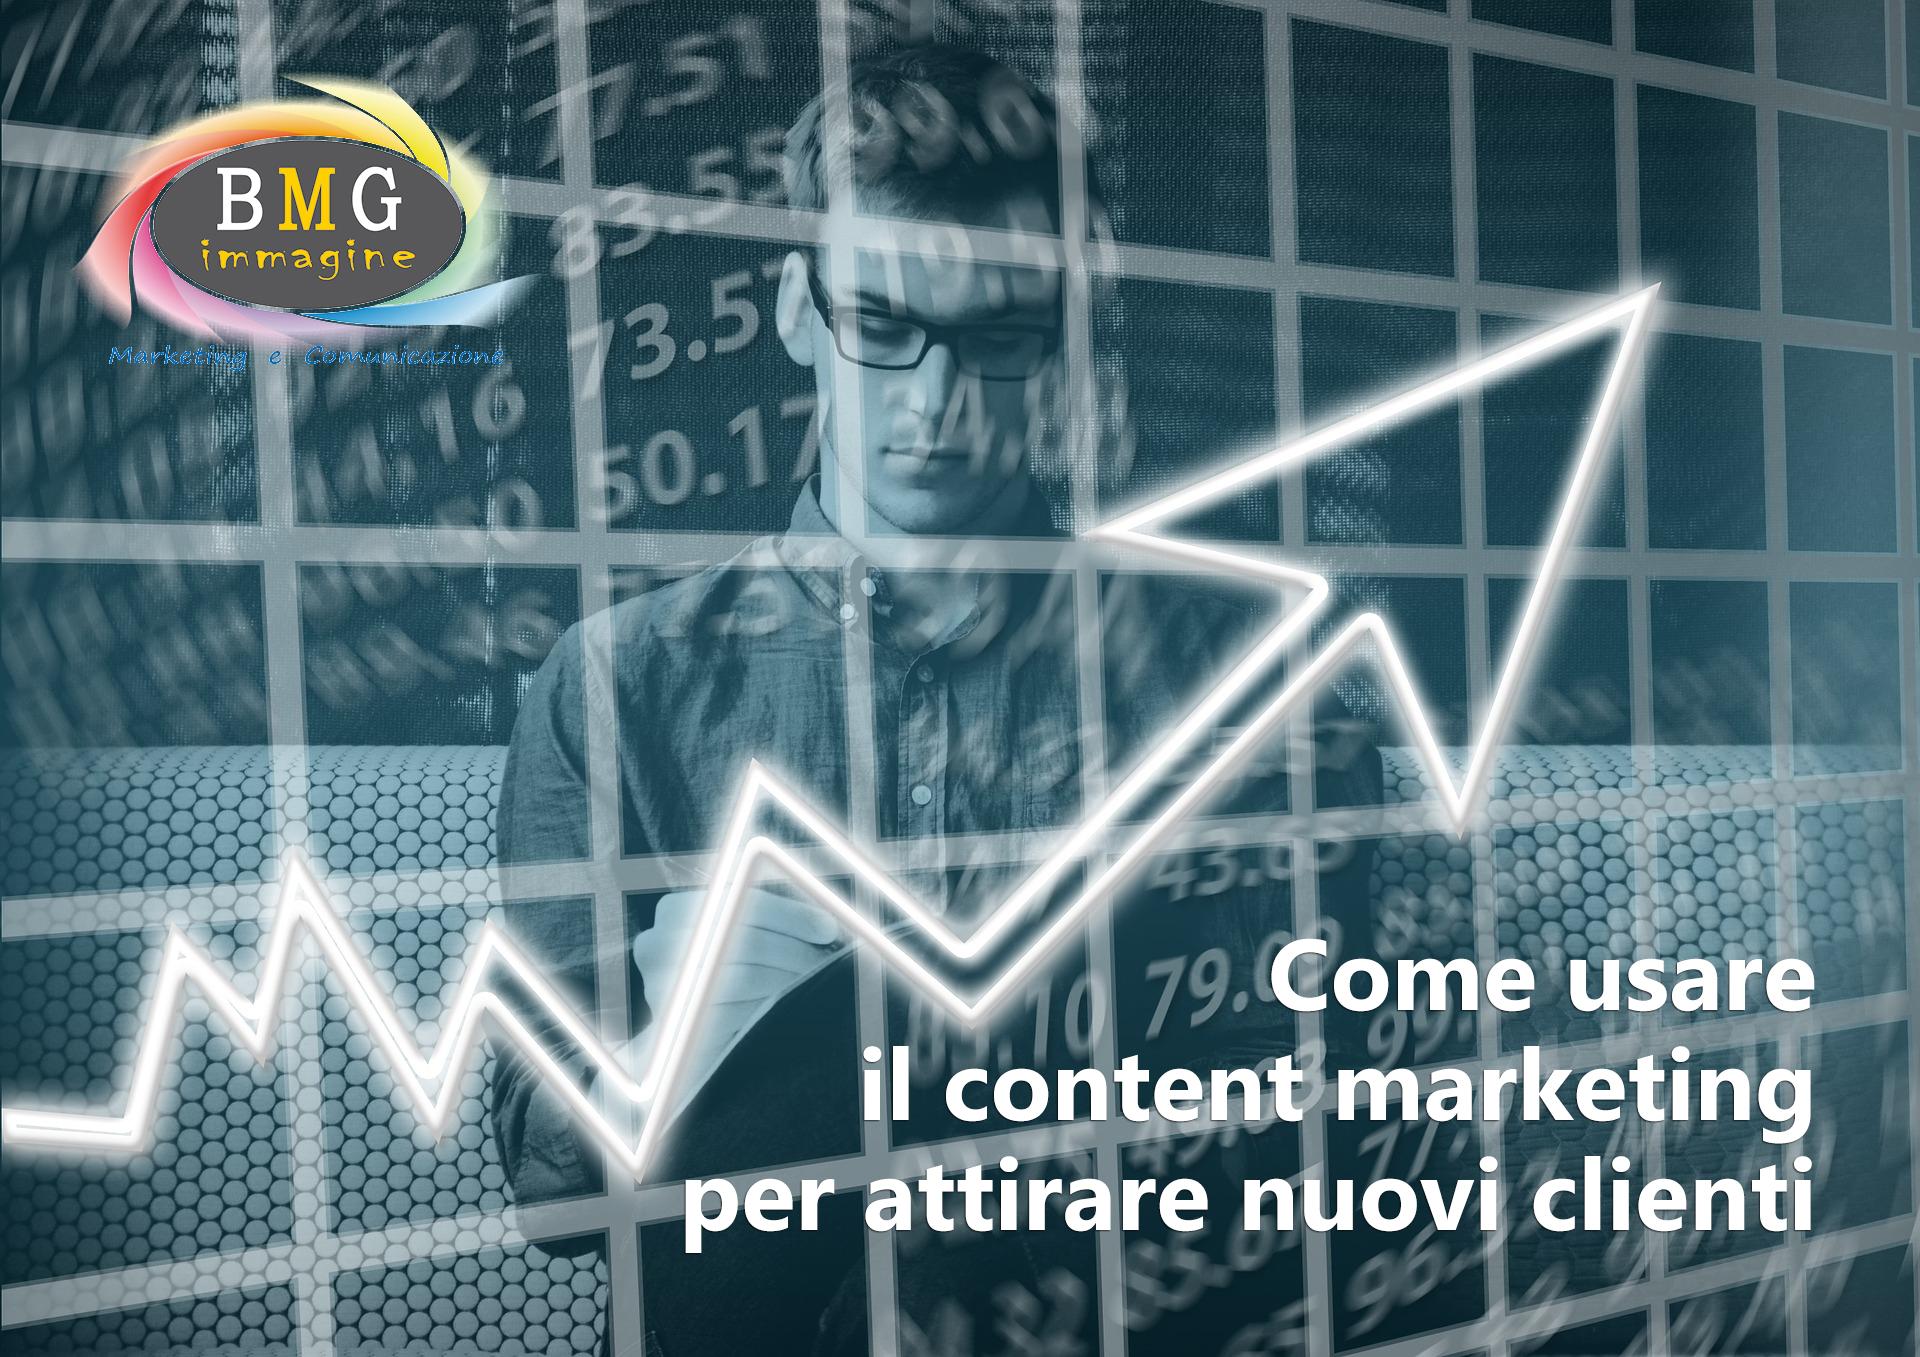 Come usare il content marketing per attrarre nuovi clienti